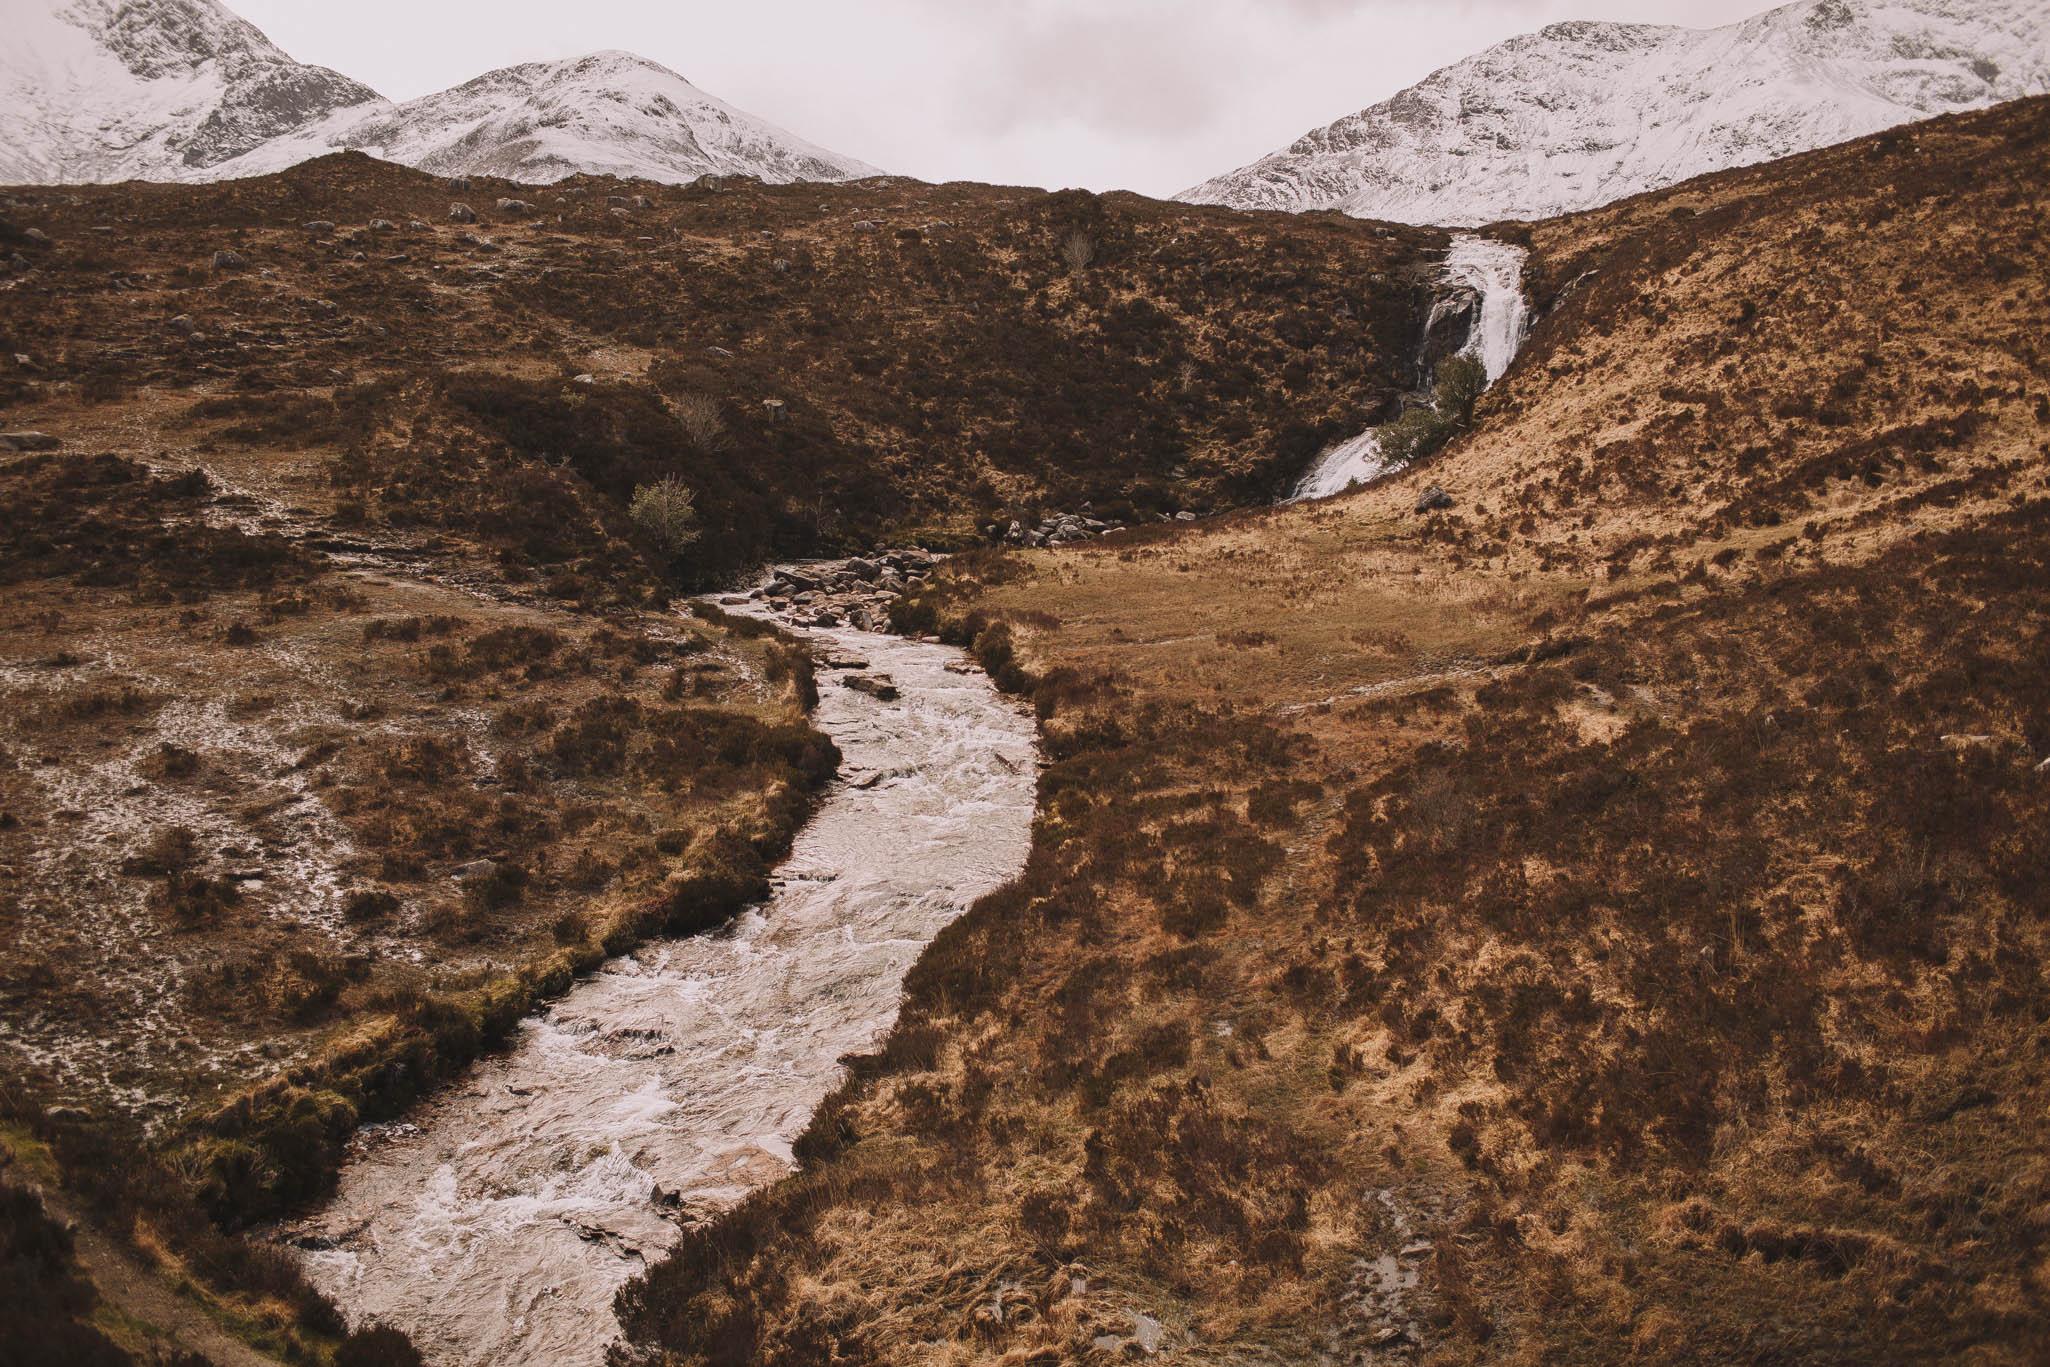 Scotland-wedding-photographer-jeremy-boyer-photographe-mariage-ecosse-voyage-road-trip-travel-45.jpg